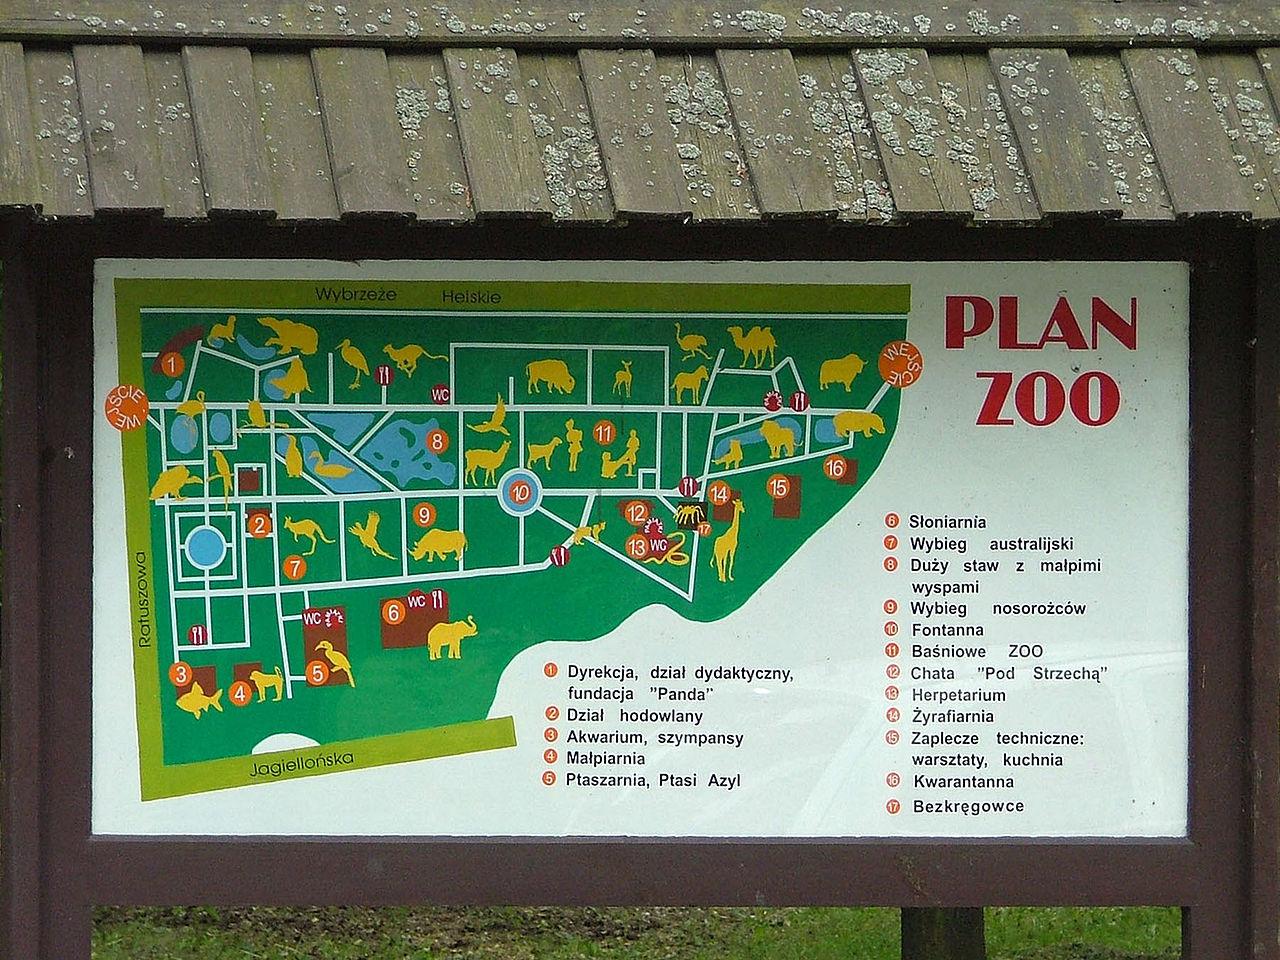 Plik Pol Warsaw Zoo A001 Jpg Wikipedia Wolna Encyklopedia